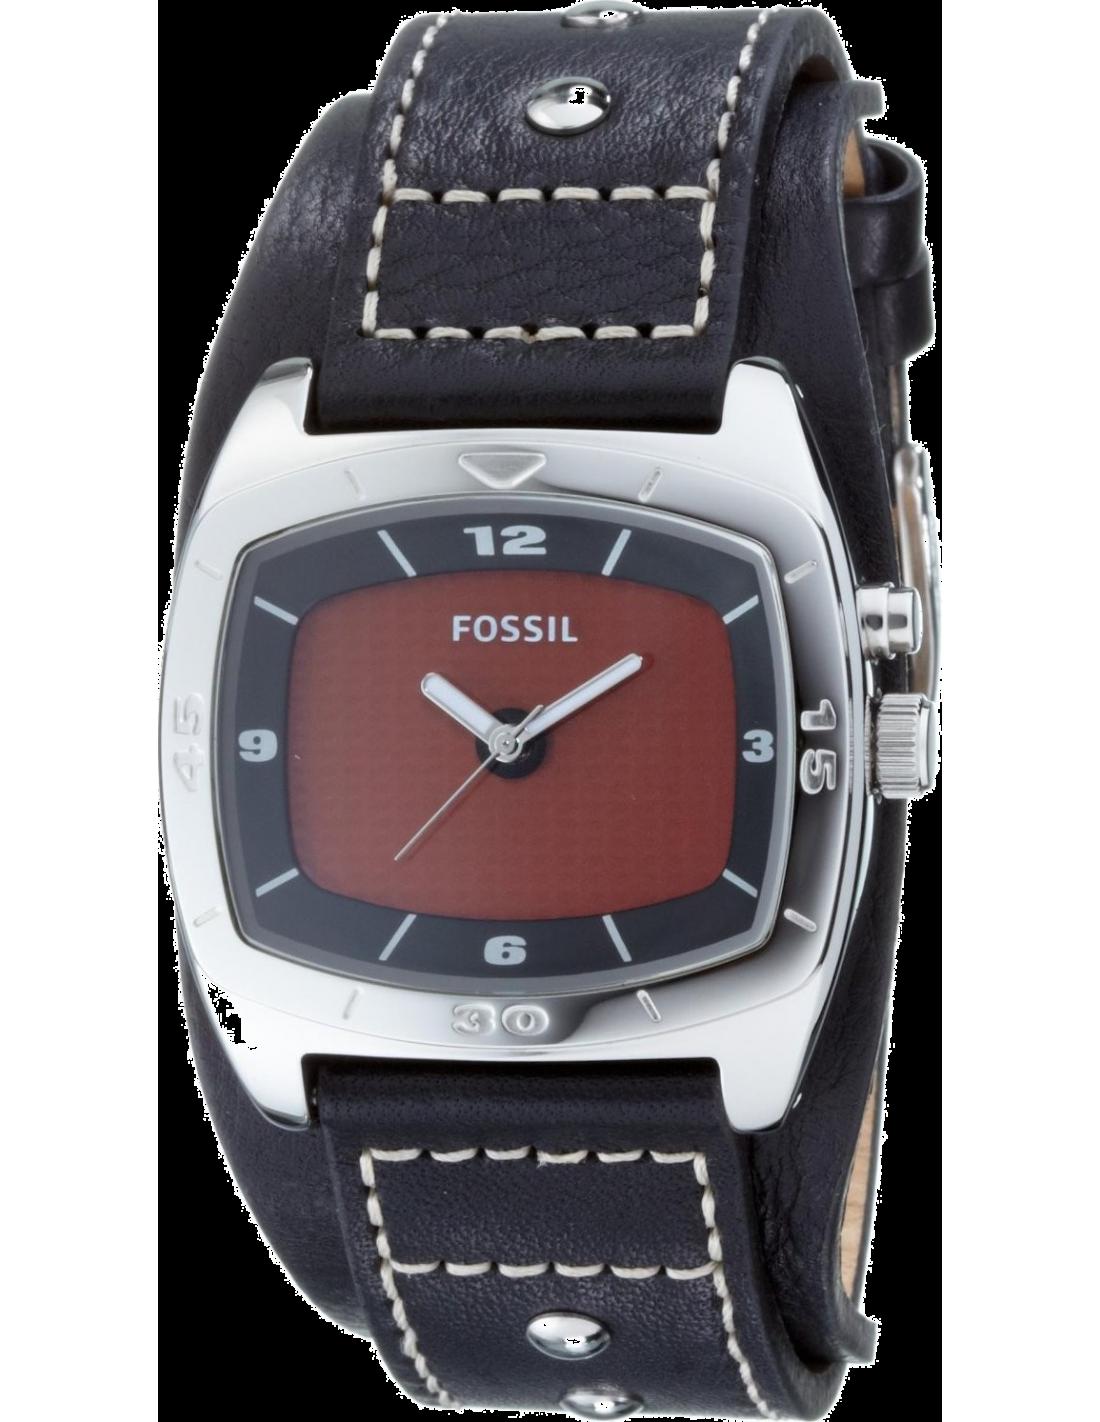 Montre Homme Fossil AM3696 Bracelet en Cuir noir à 84,90 € ➤ Revend